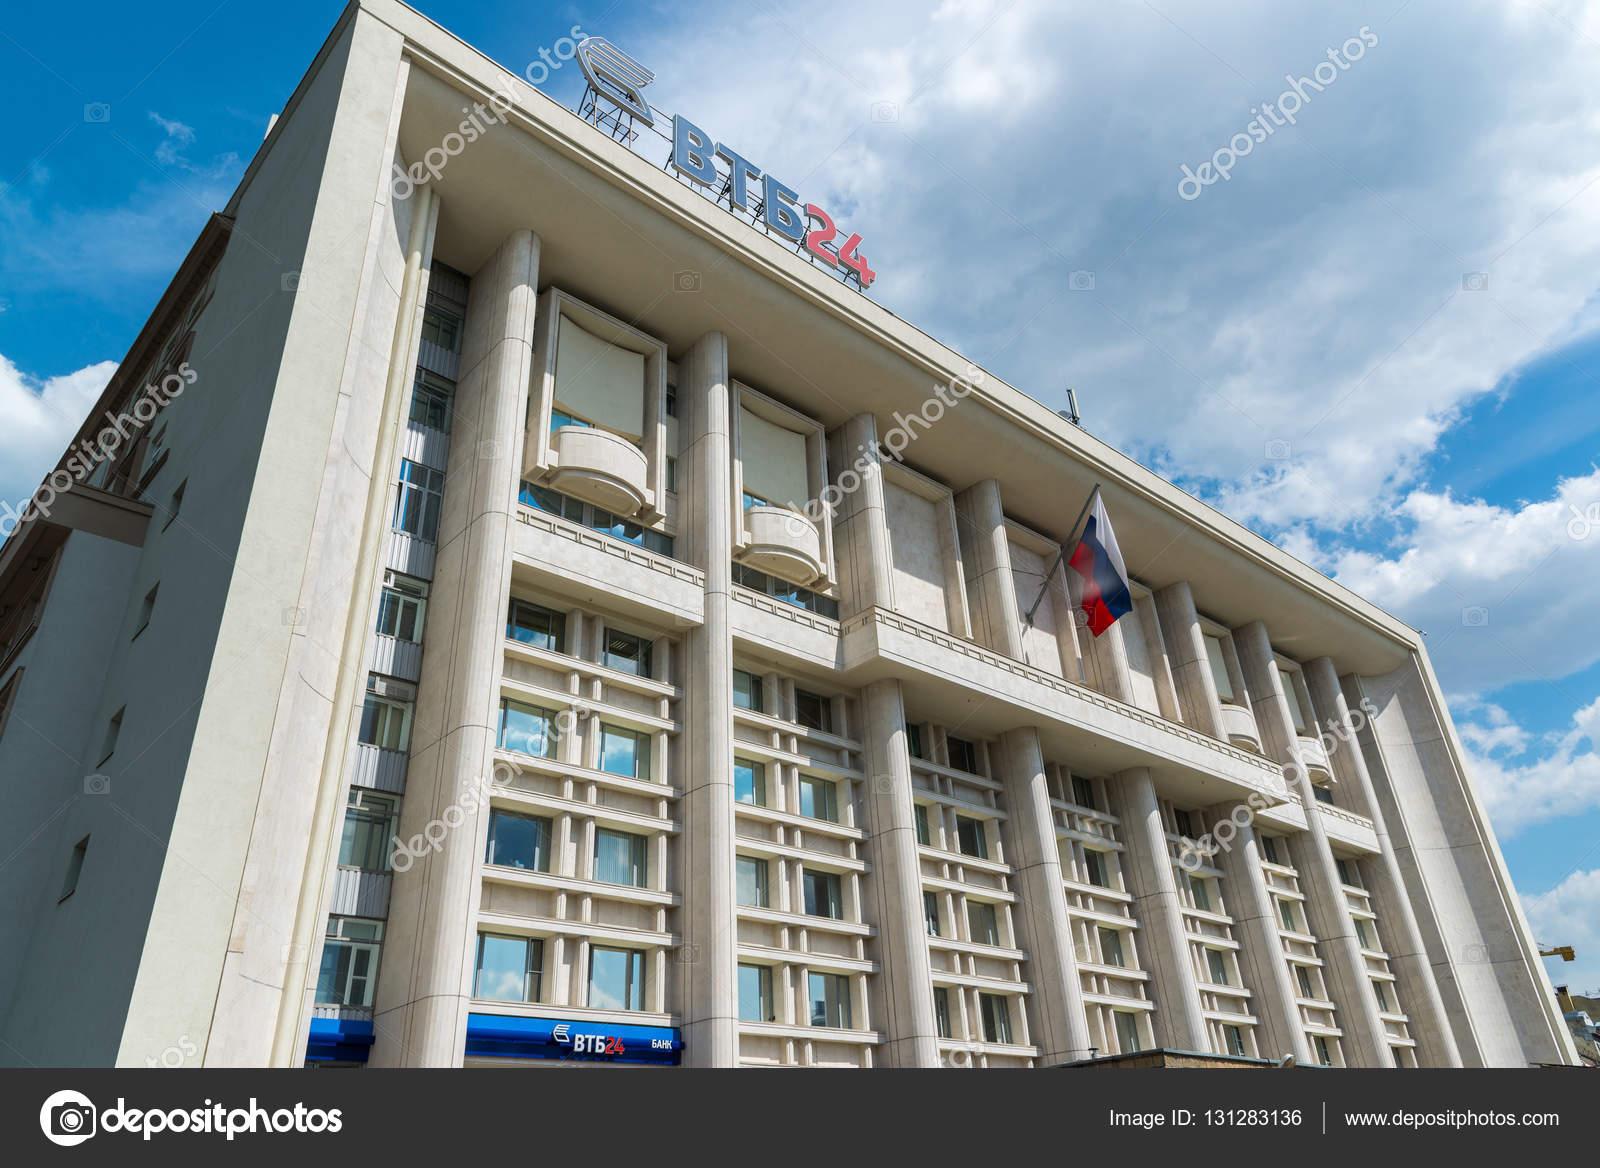 банк втб 24 центральный офис москва адрес хоум кредит банк петропавловск камчатский адрес